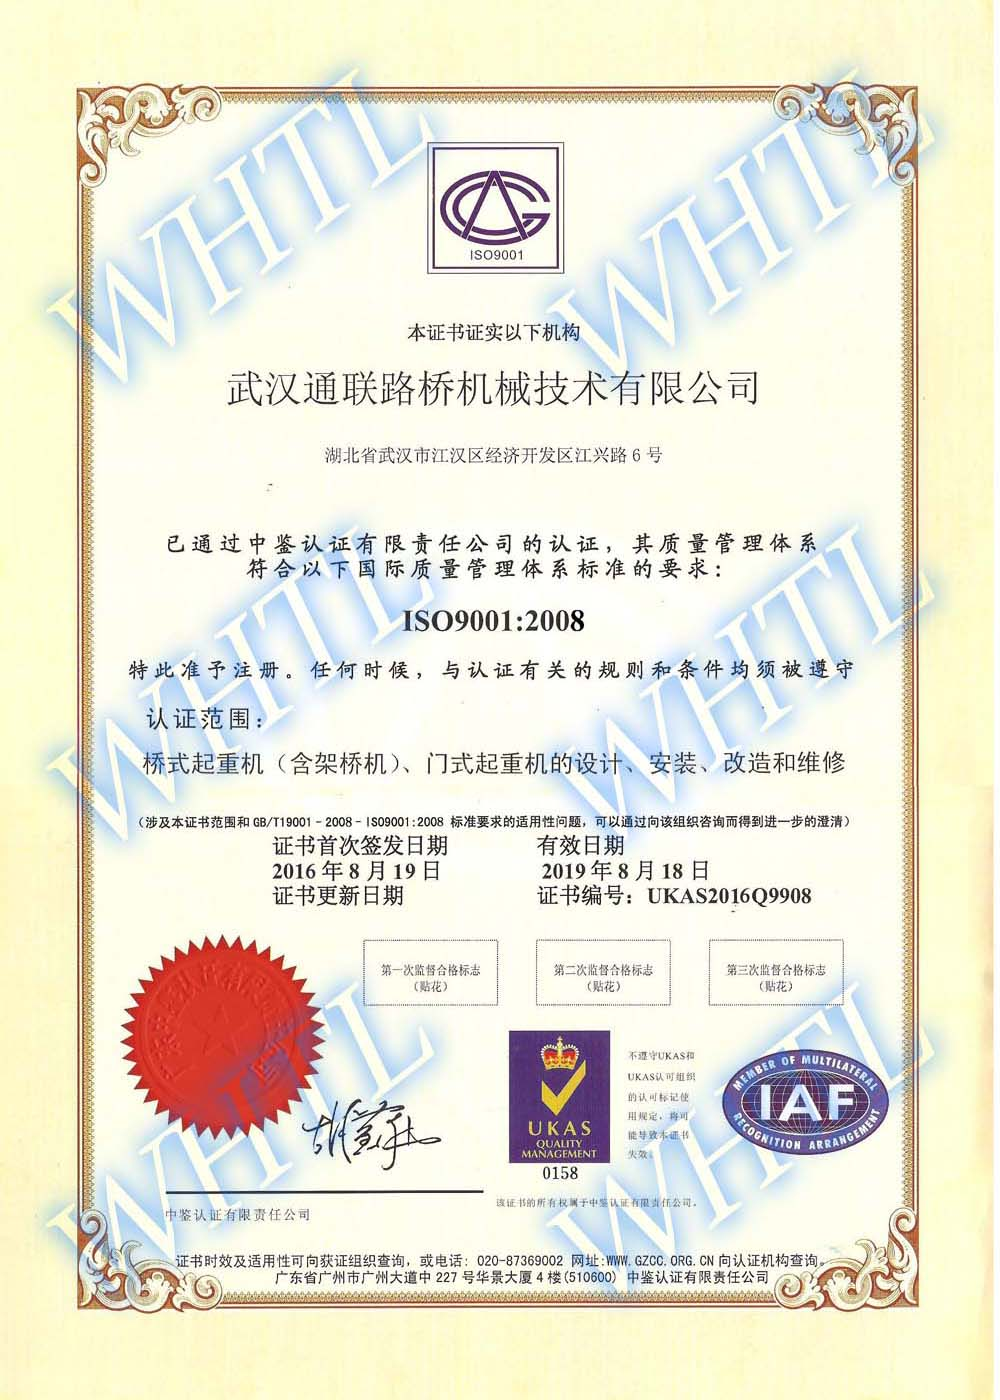 01. ISO9001证